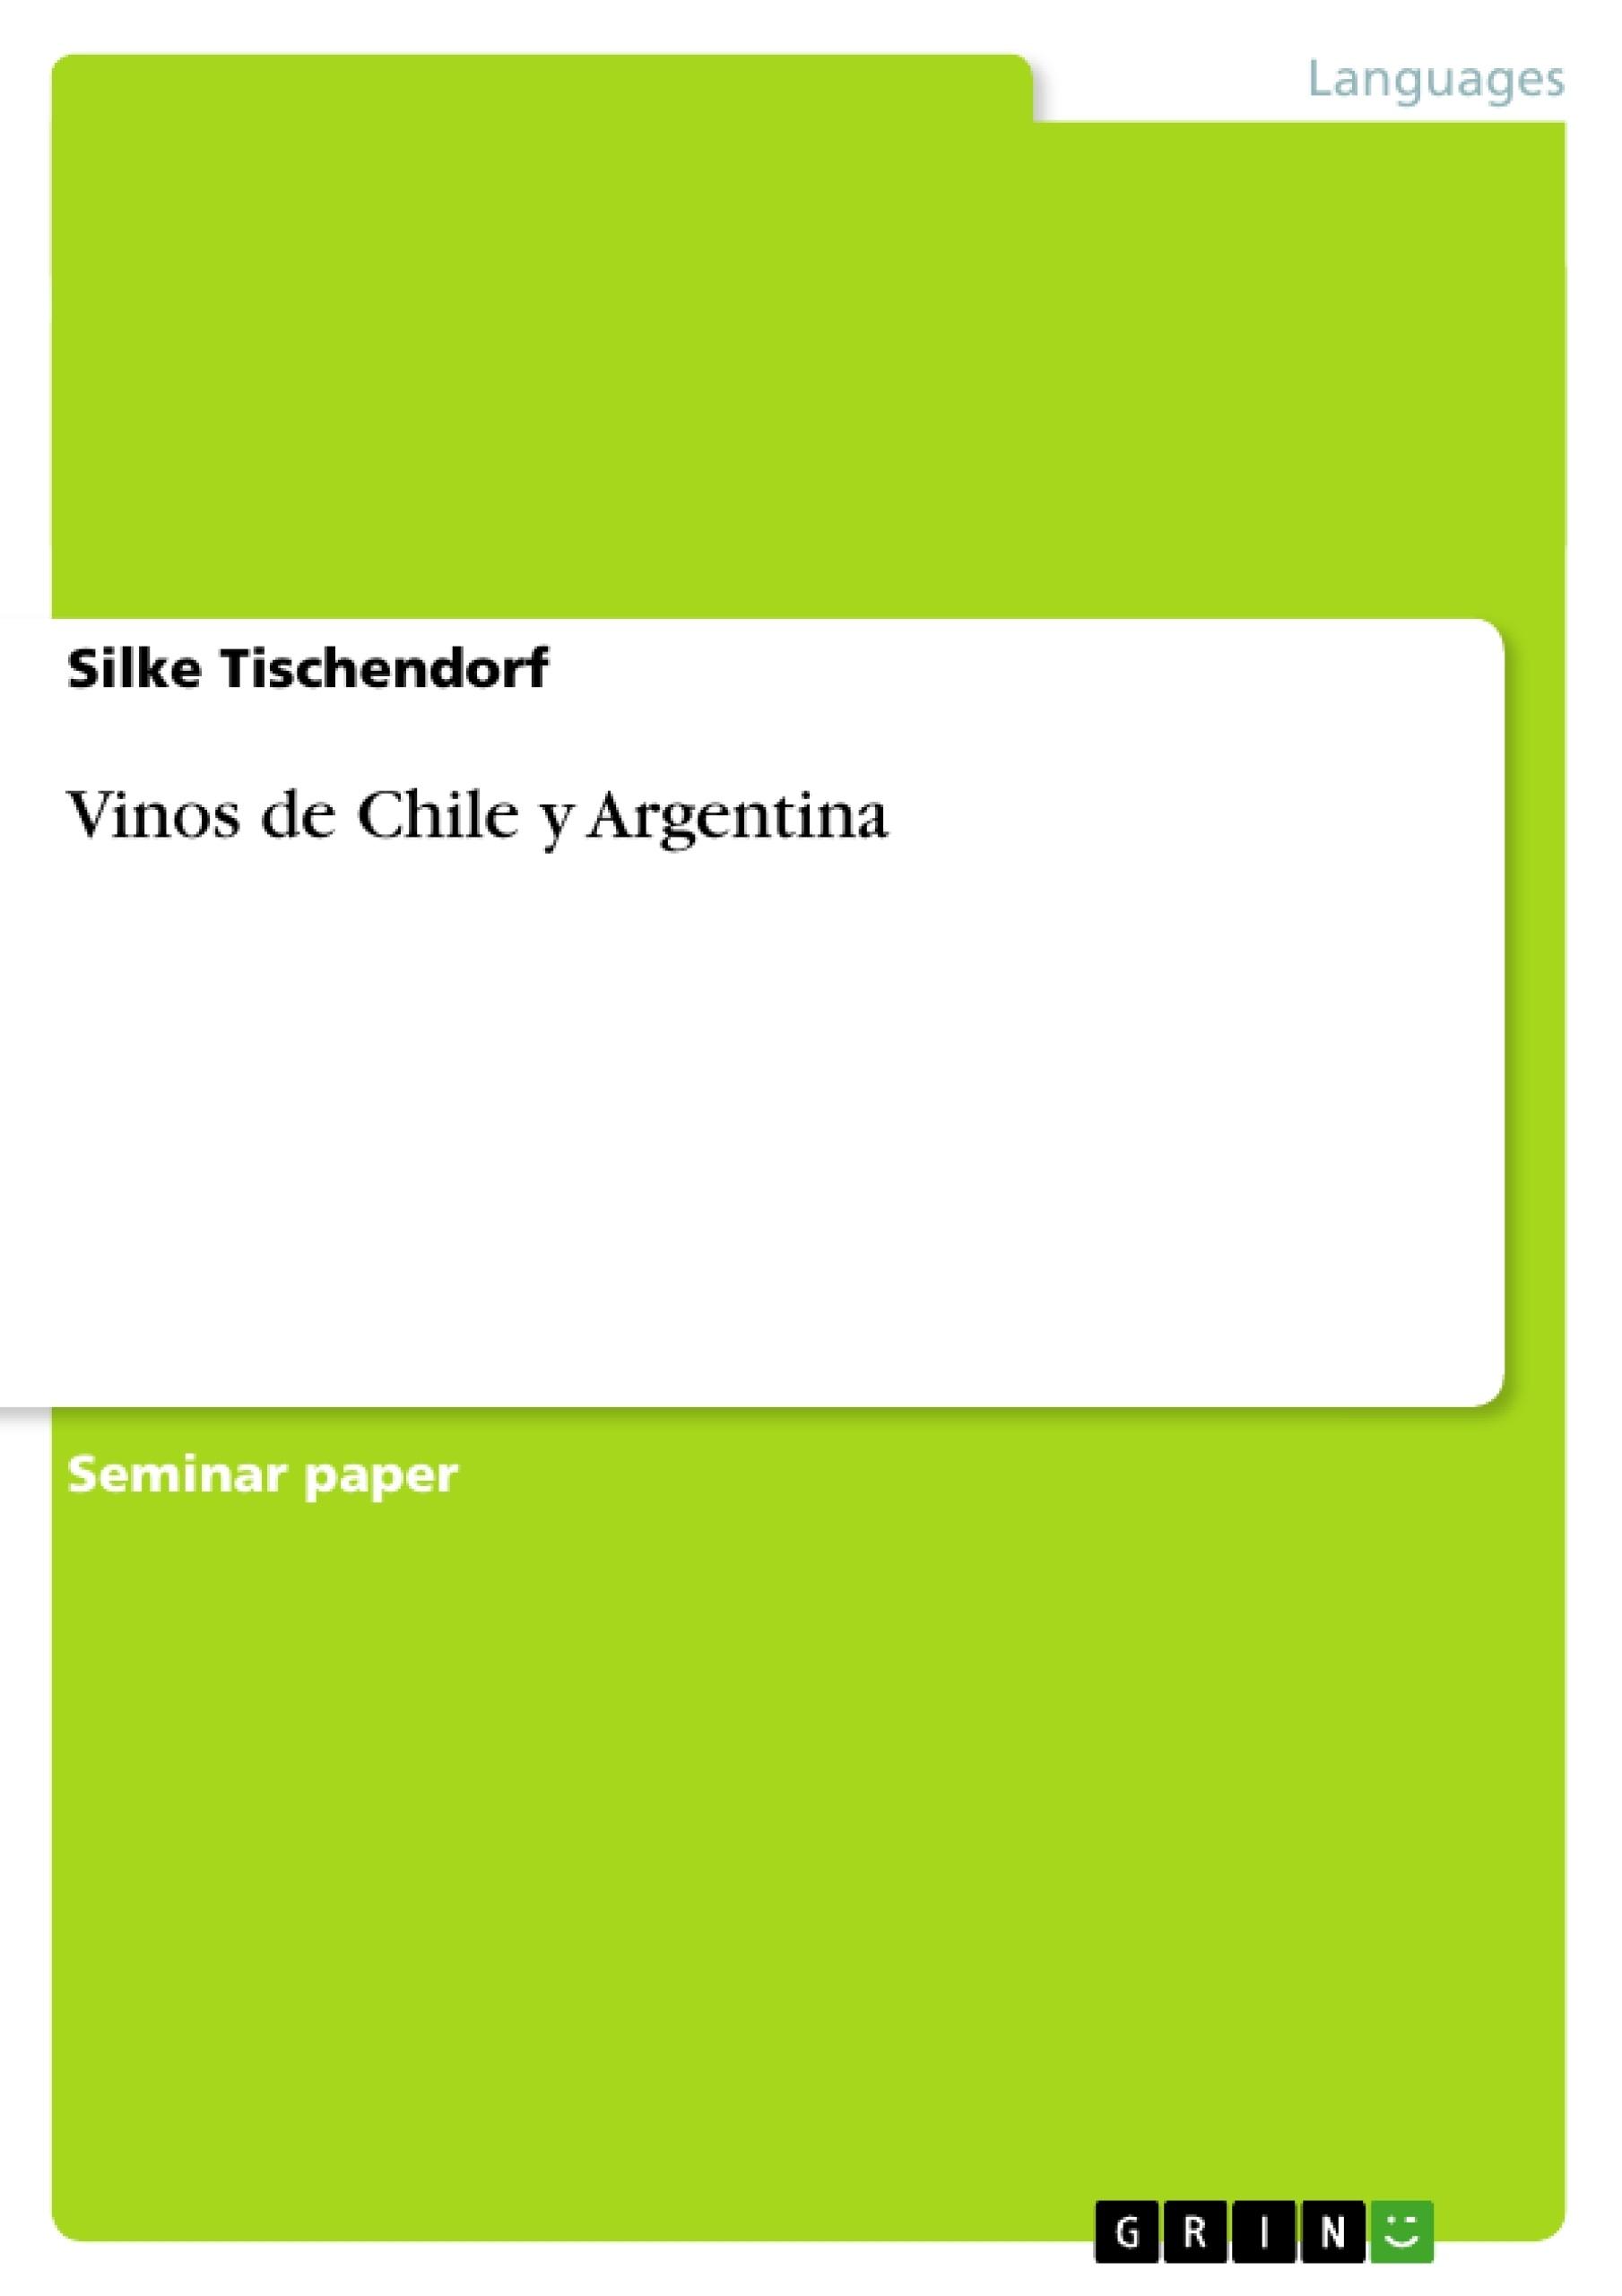 Título: Vinos de Chile y Argentina